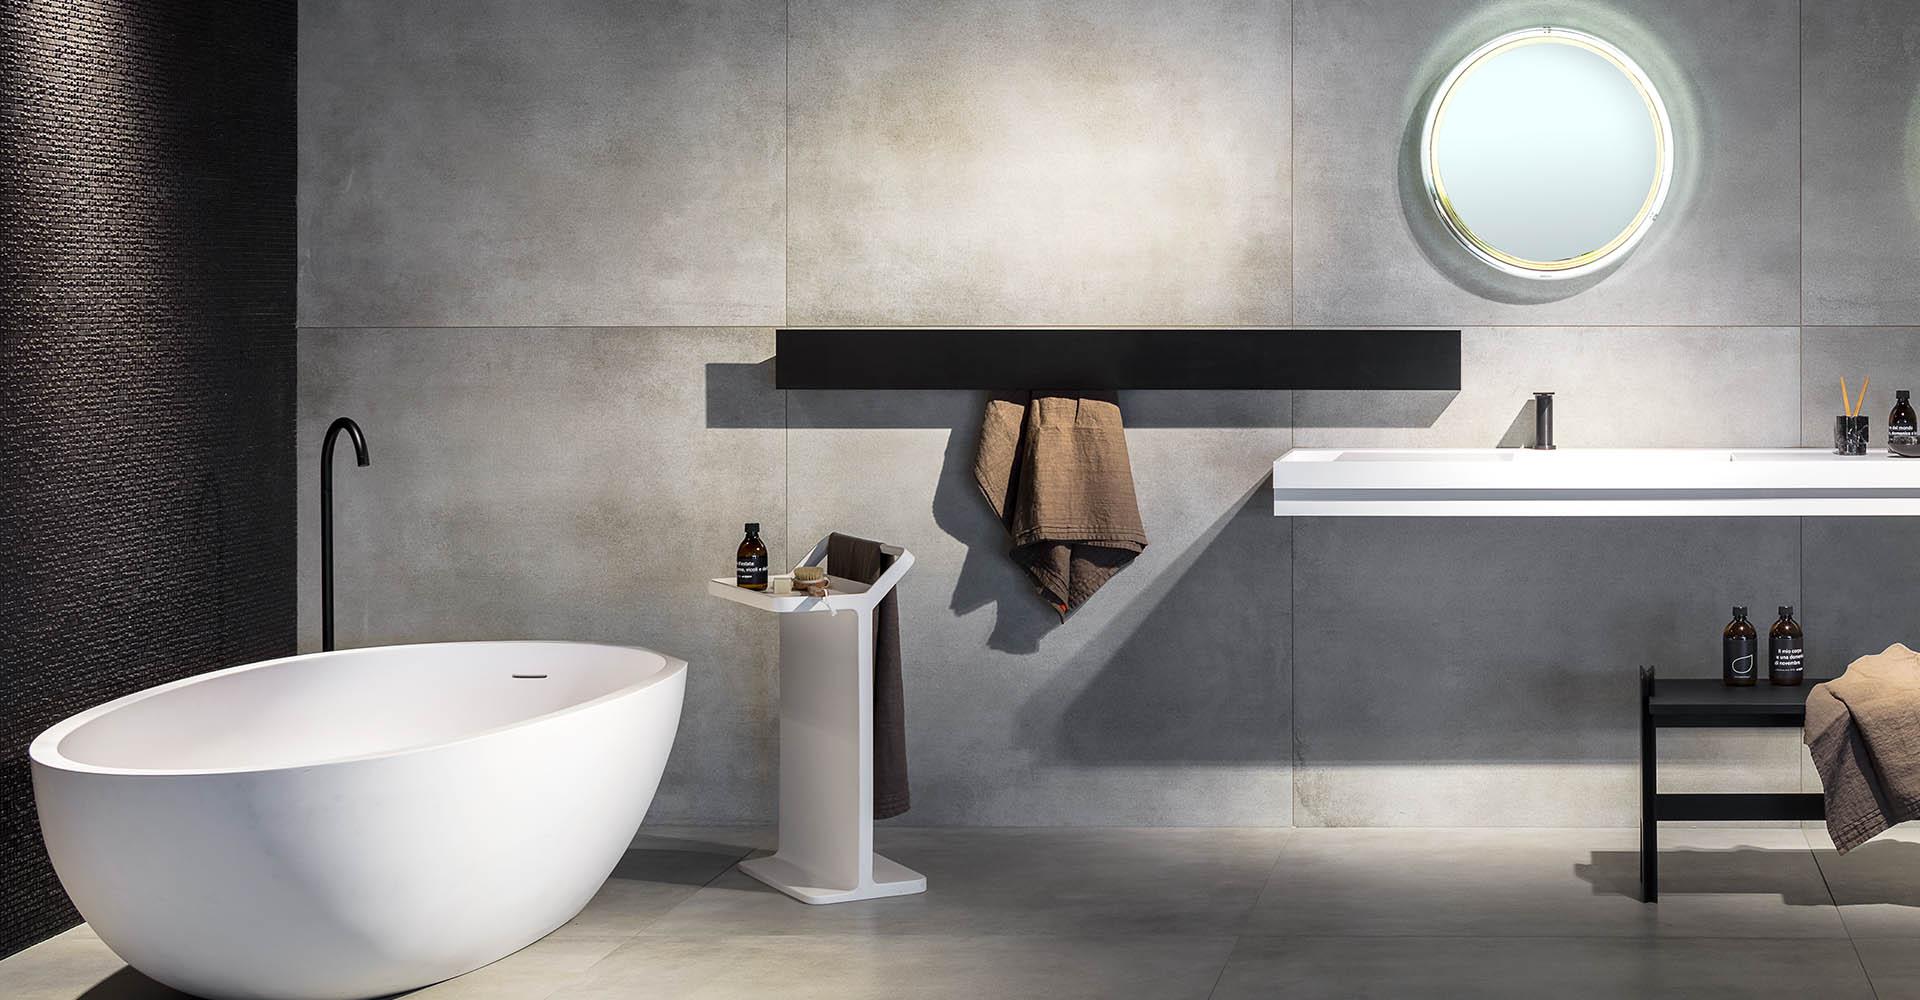 Badkamer Almere Buiten : Sjartec luxe badkamers wellness tegels en baden